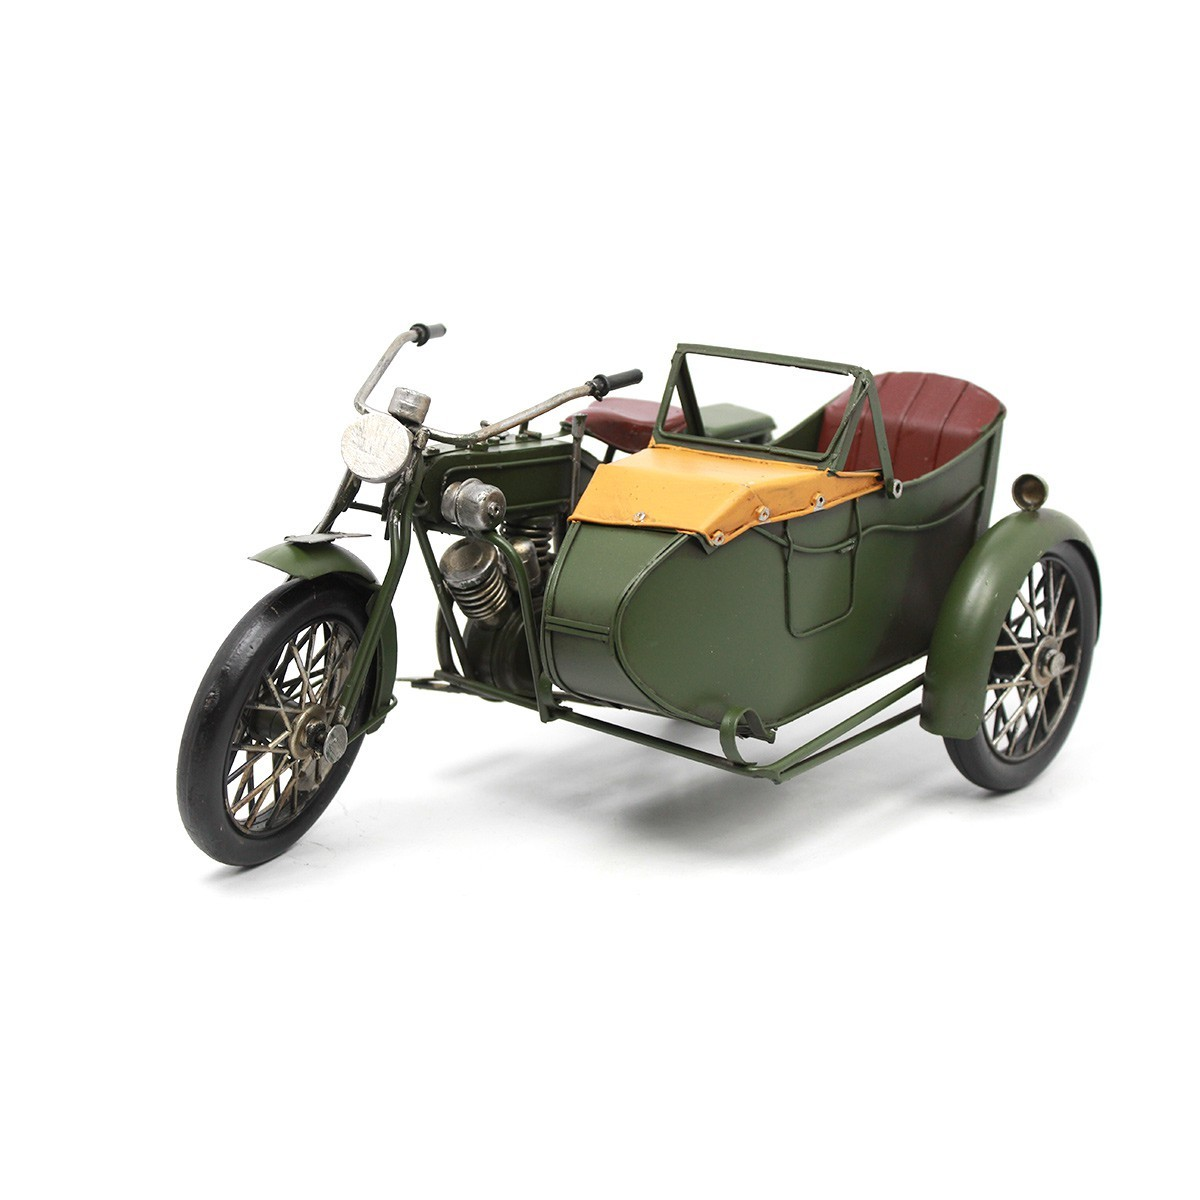 Colecionável de Metal Moto Exército Retrô C/ Sidecar